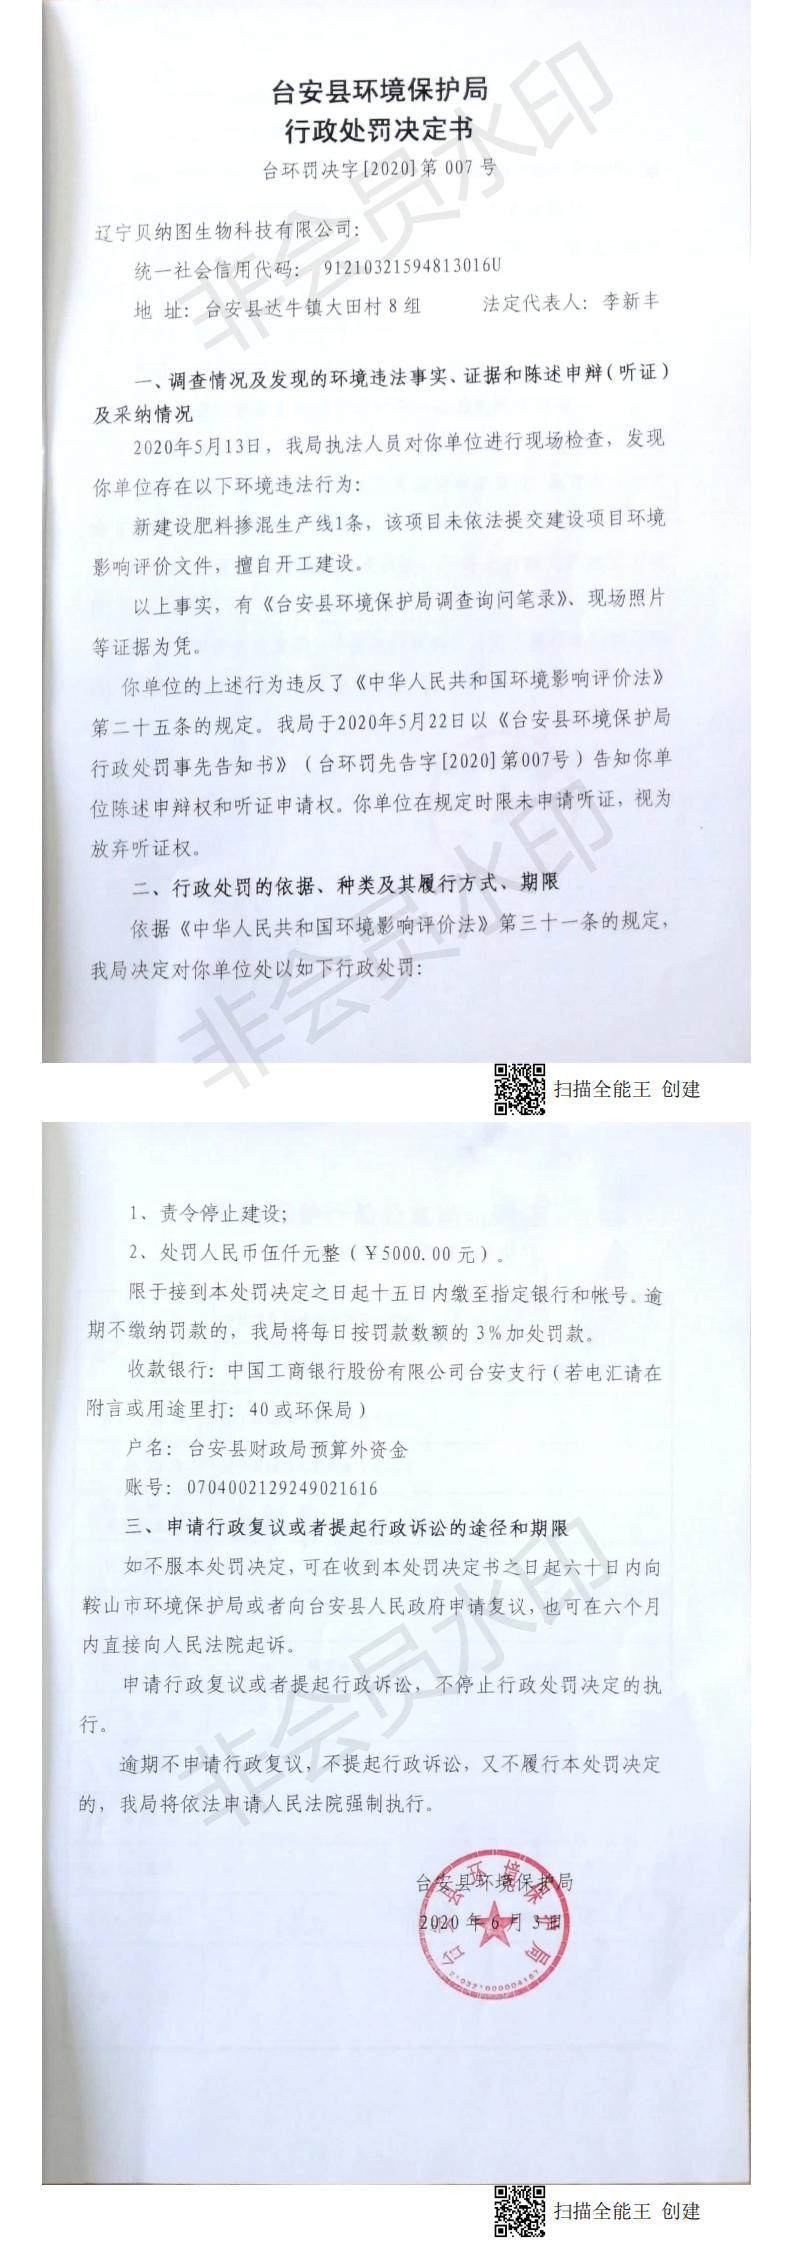 辽宁贝纳图生物科技有限公司行政处罚决定书_0.png